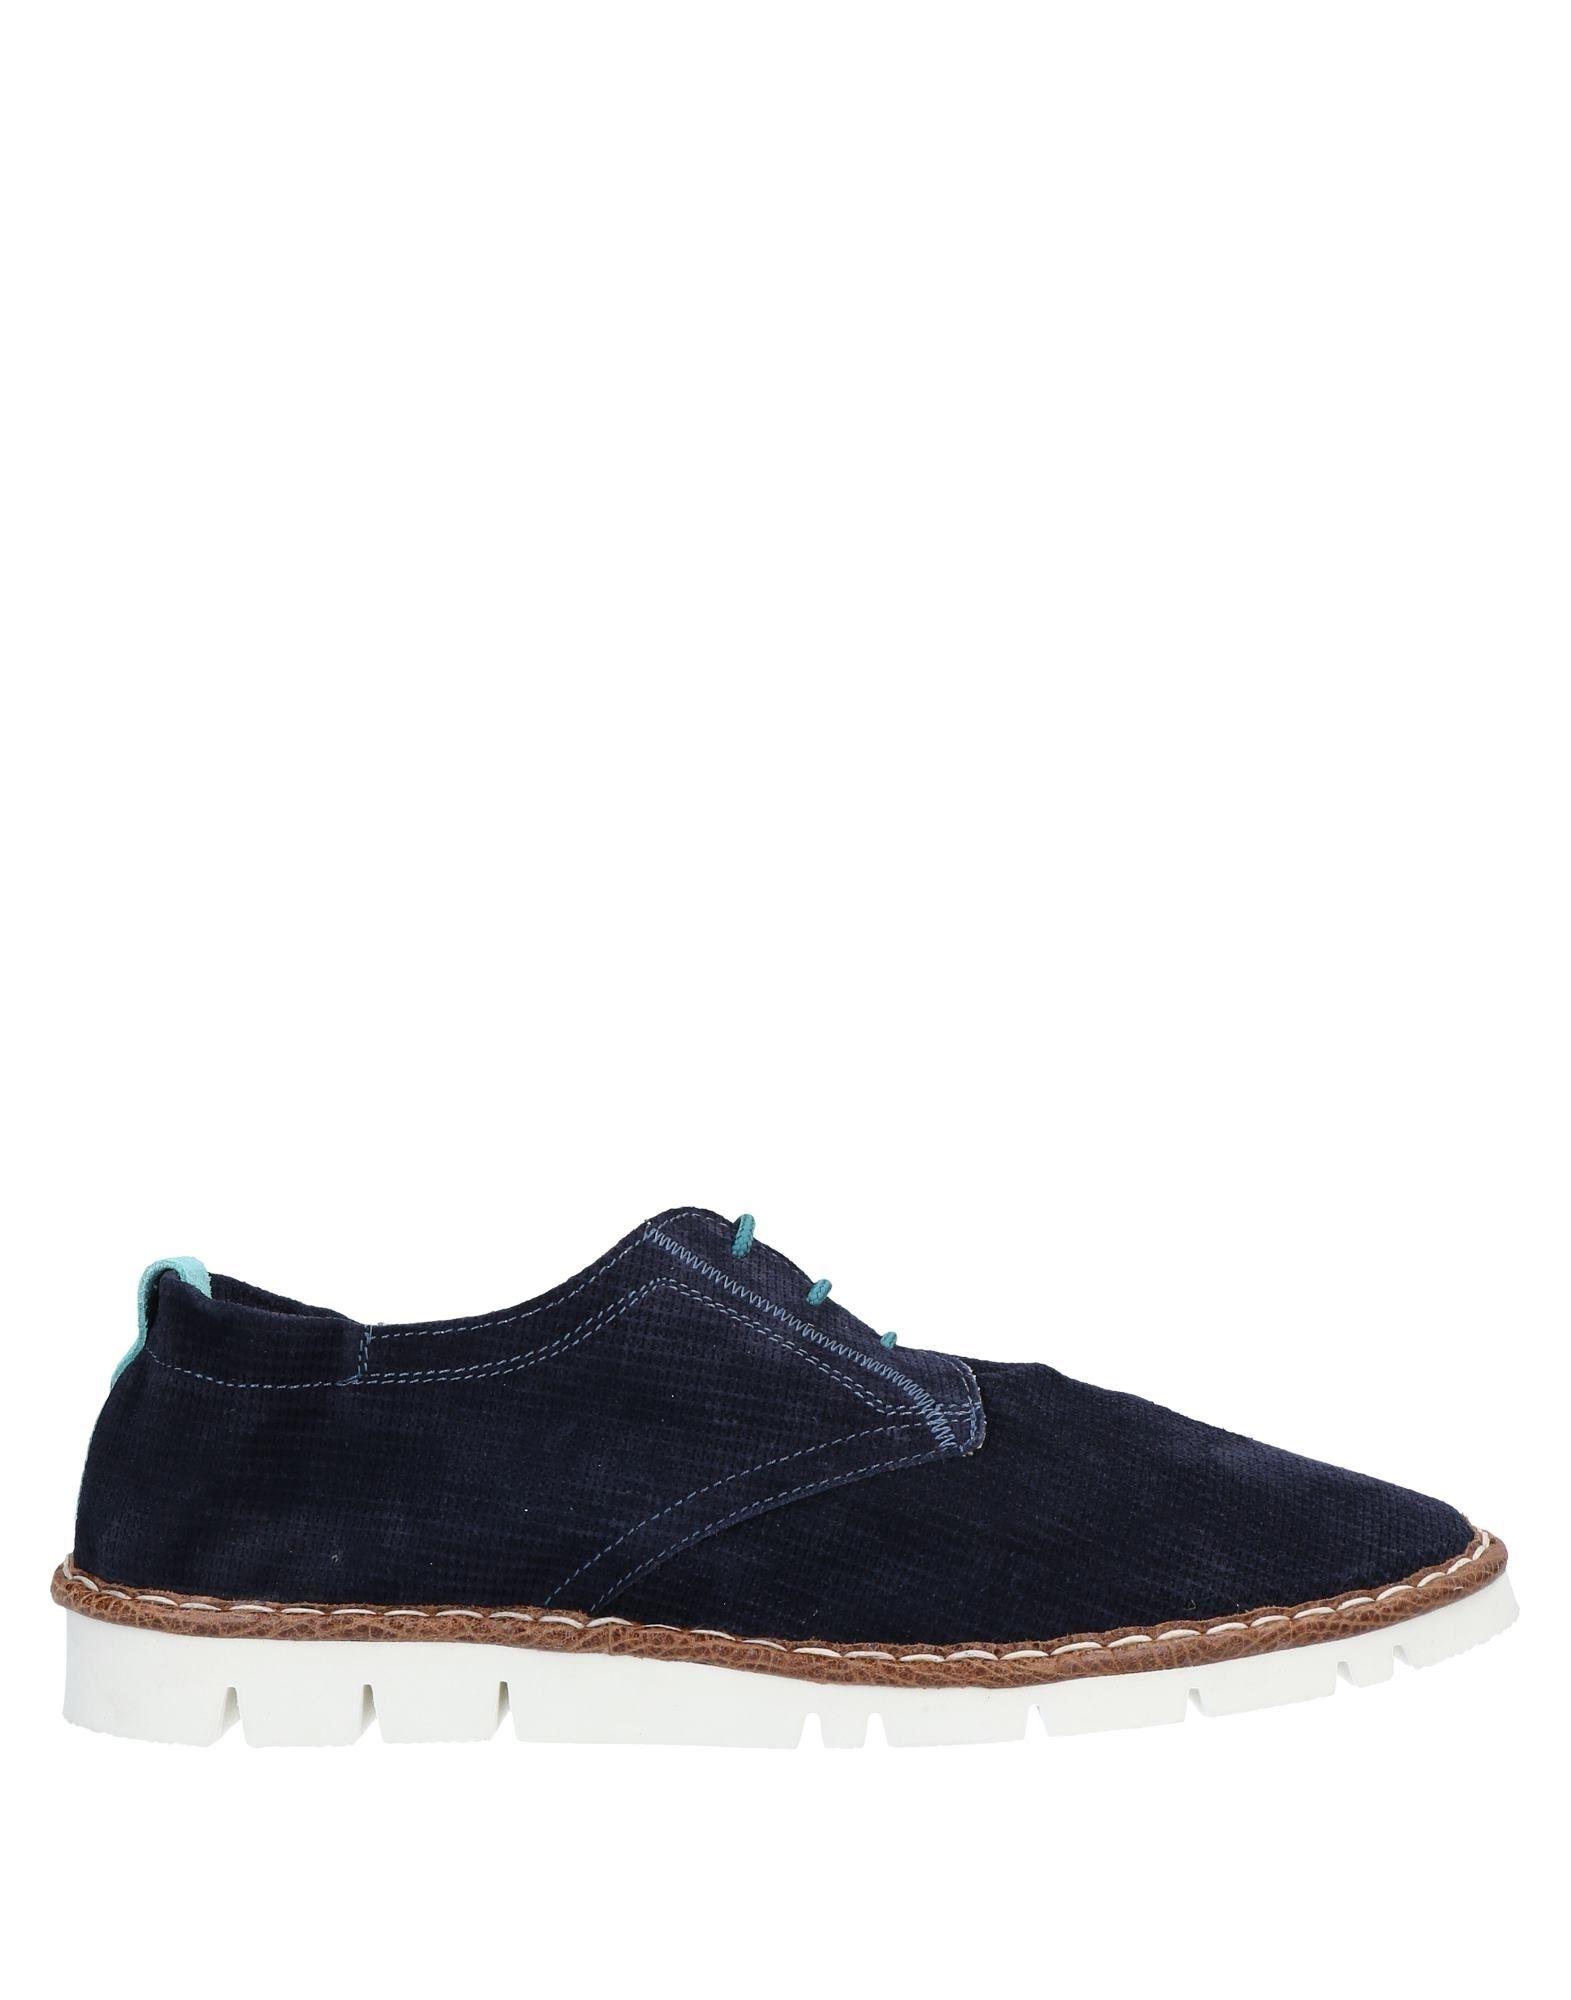 WATSON & PARKER Lace-up shoes - Item 17000077